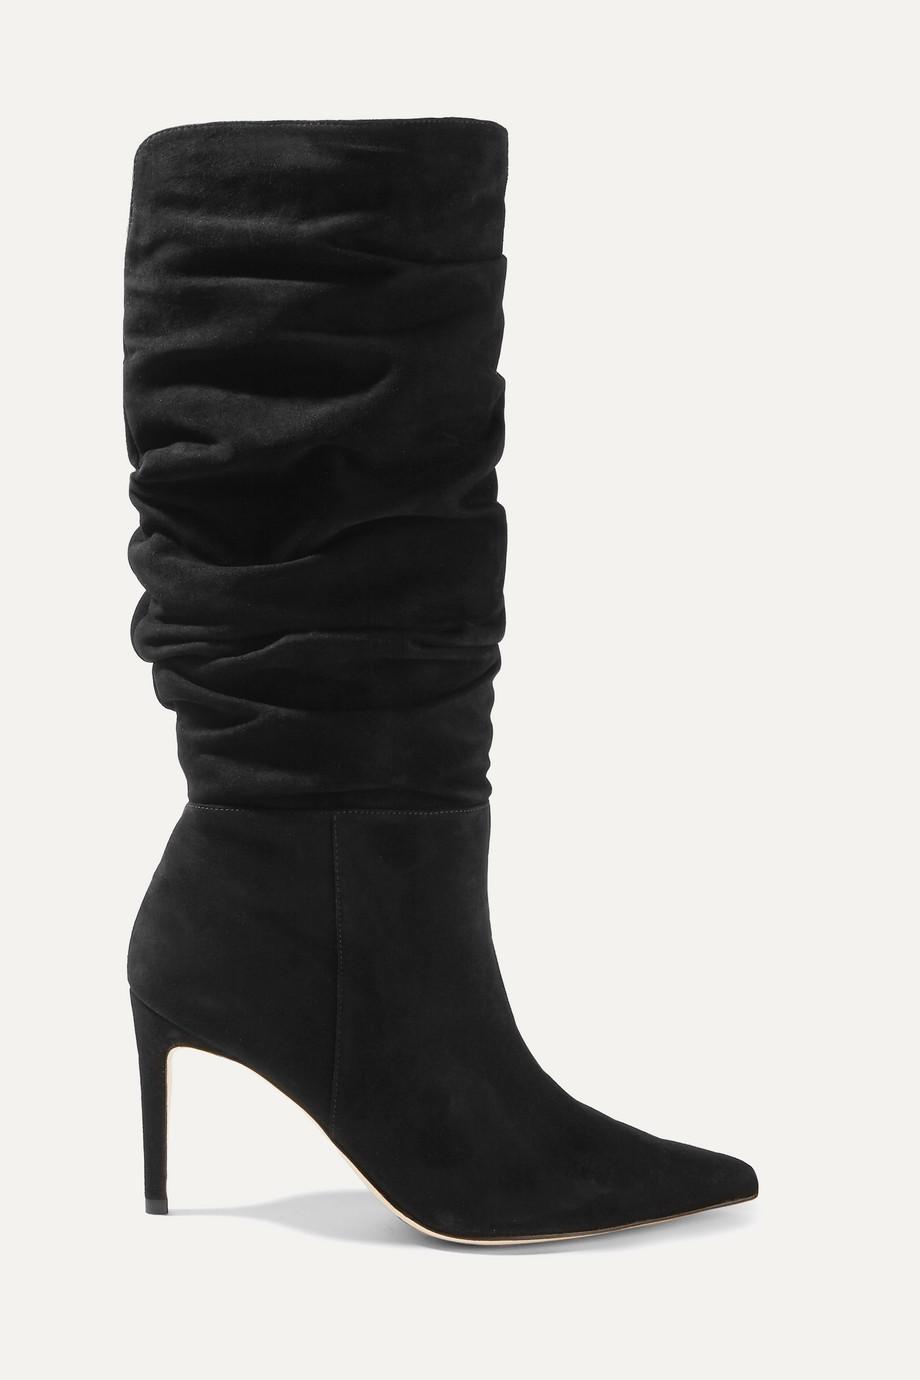 Alexandre Birman Lucy suede knee boots